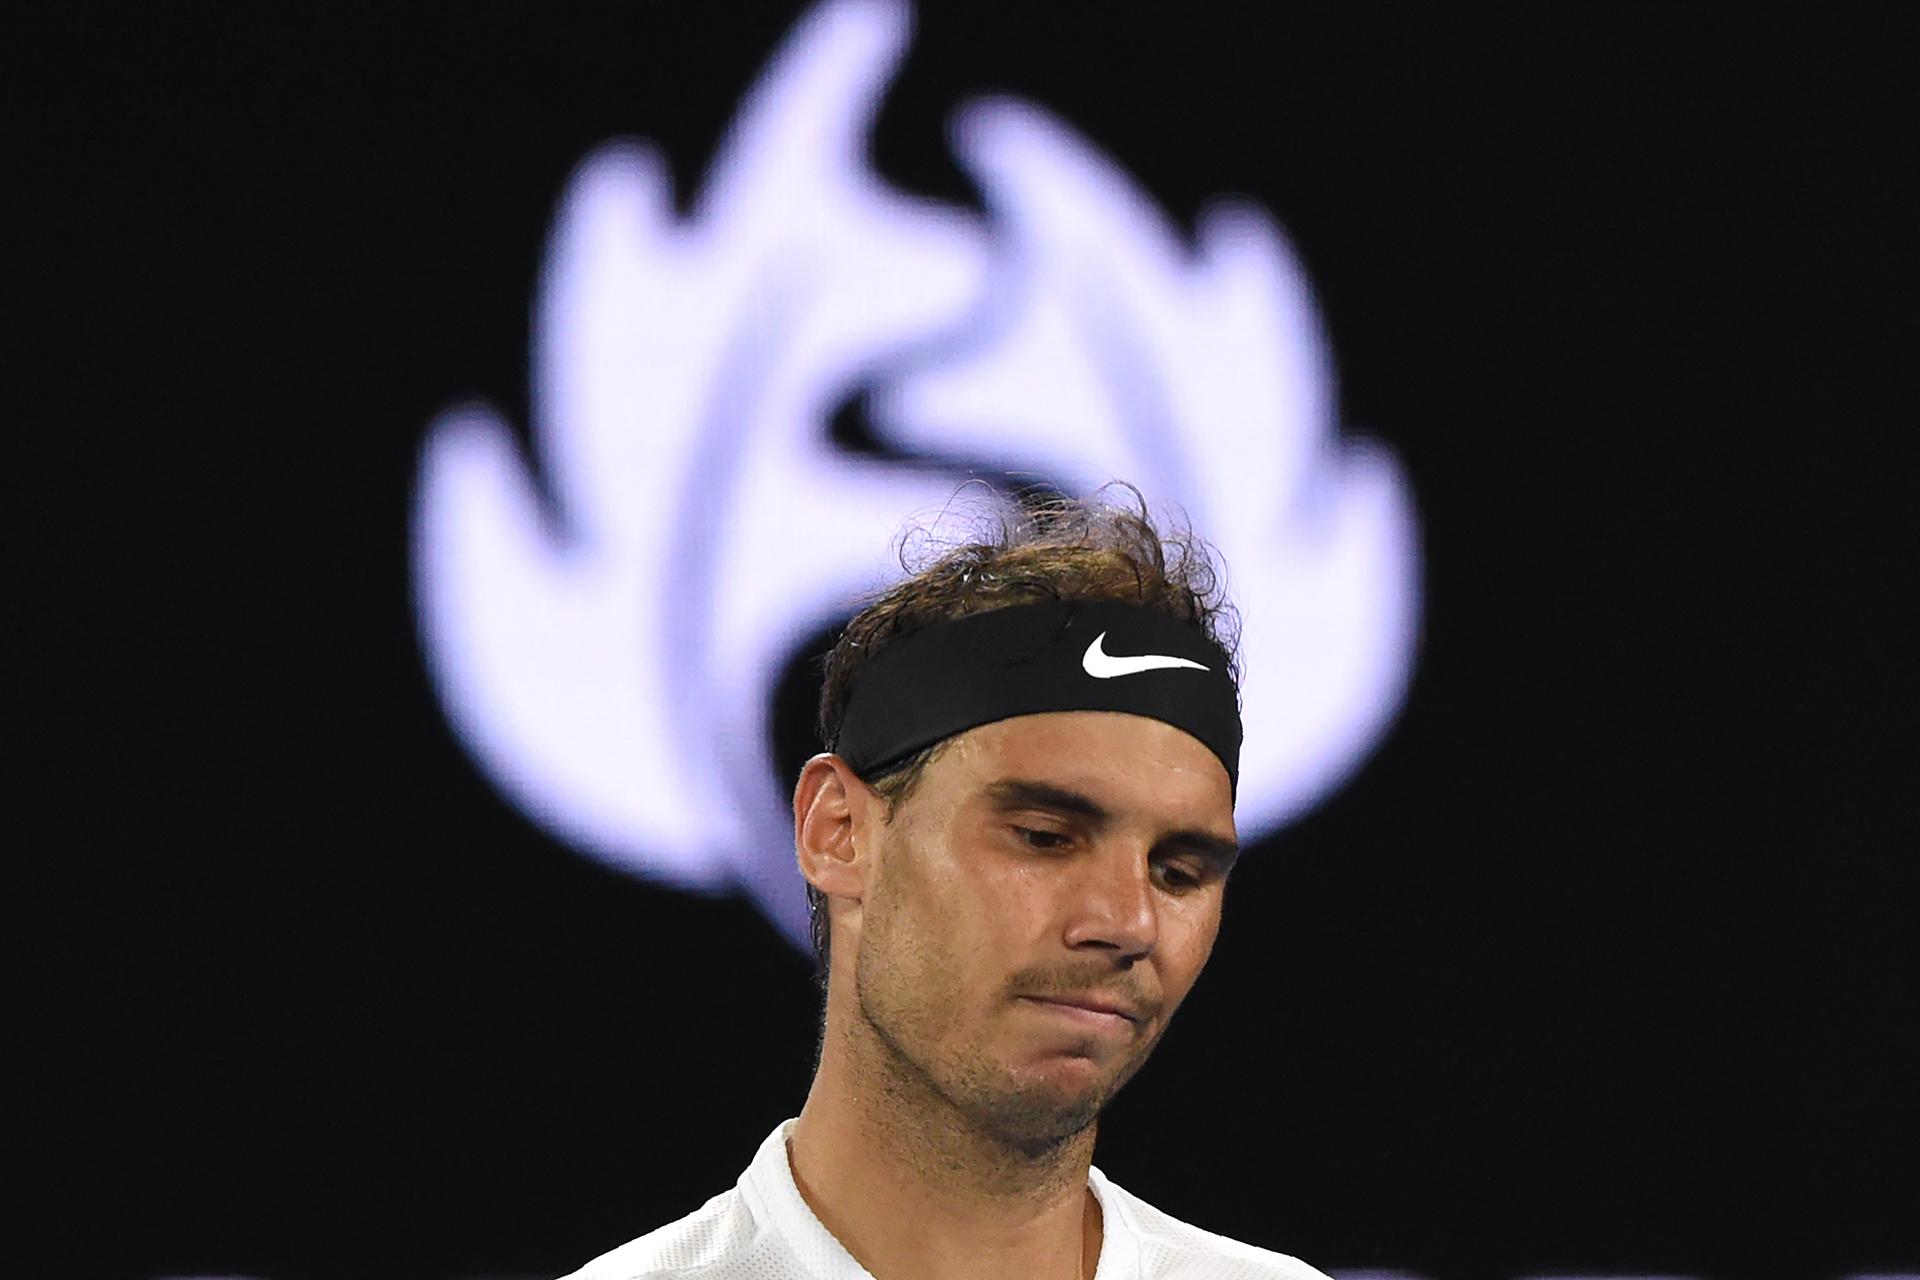 Rafael Nadal accedió al número seis del ranking, mientras que Federer quedó en el décimo